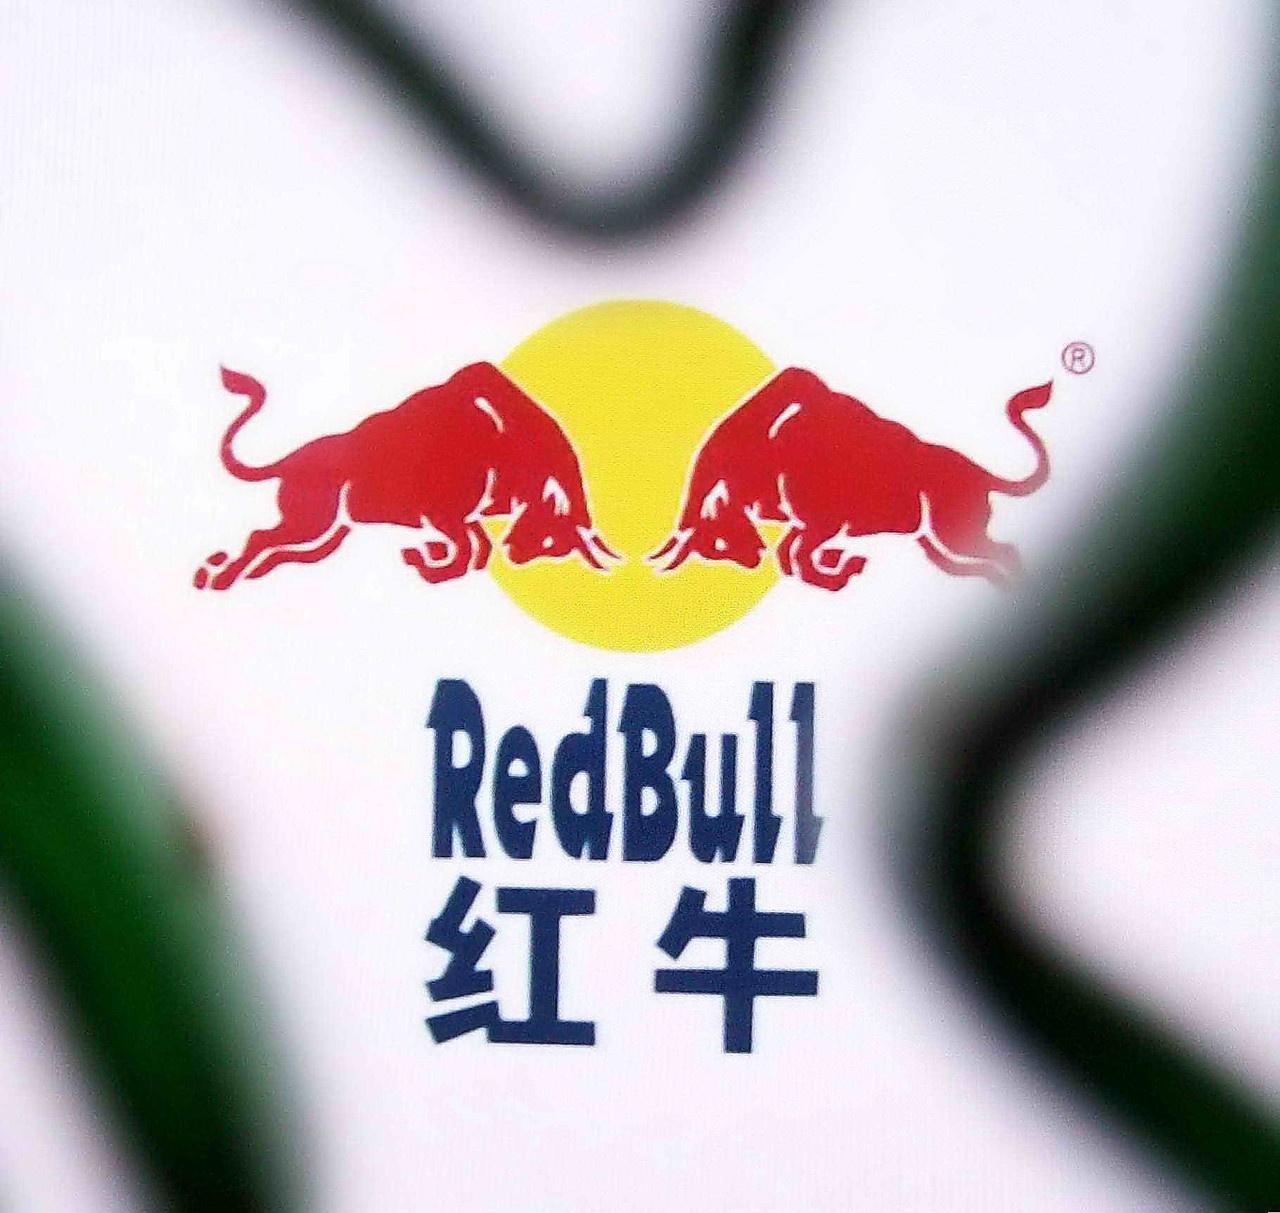 金罐包装归泰国红牛所有?中国红牛发律师声明抗议